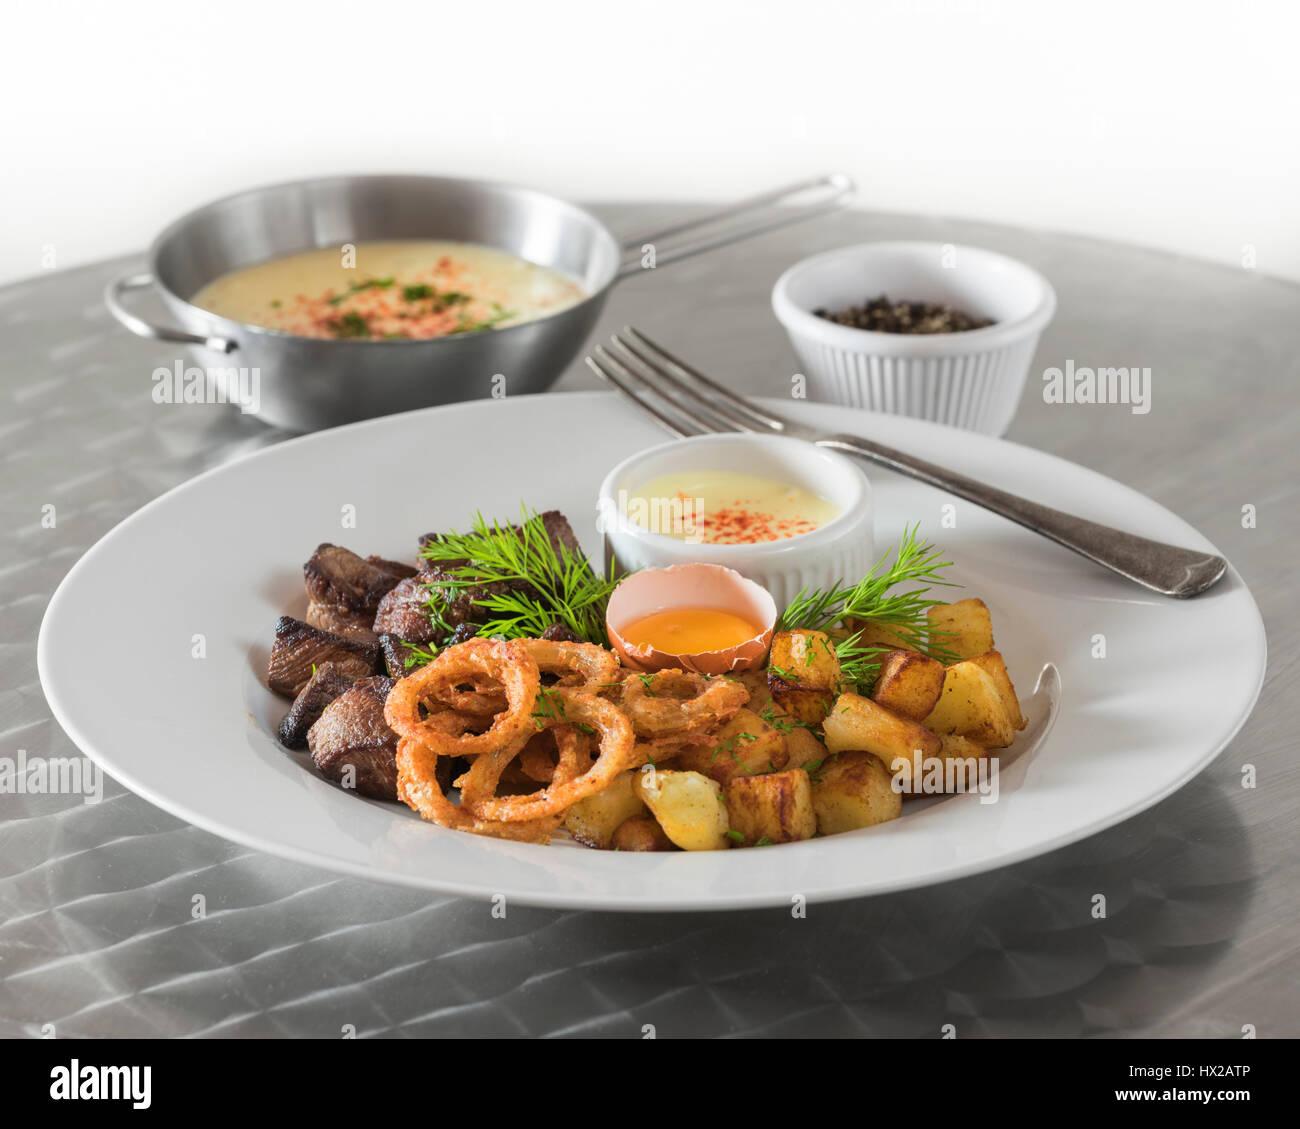 rindfleisch rydberg schwedische rindfleisch und kartoffel gericht schweden essen stockfoto. Black Bedroom Furniture Sets. Home Design Ideas